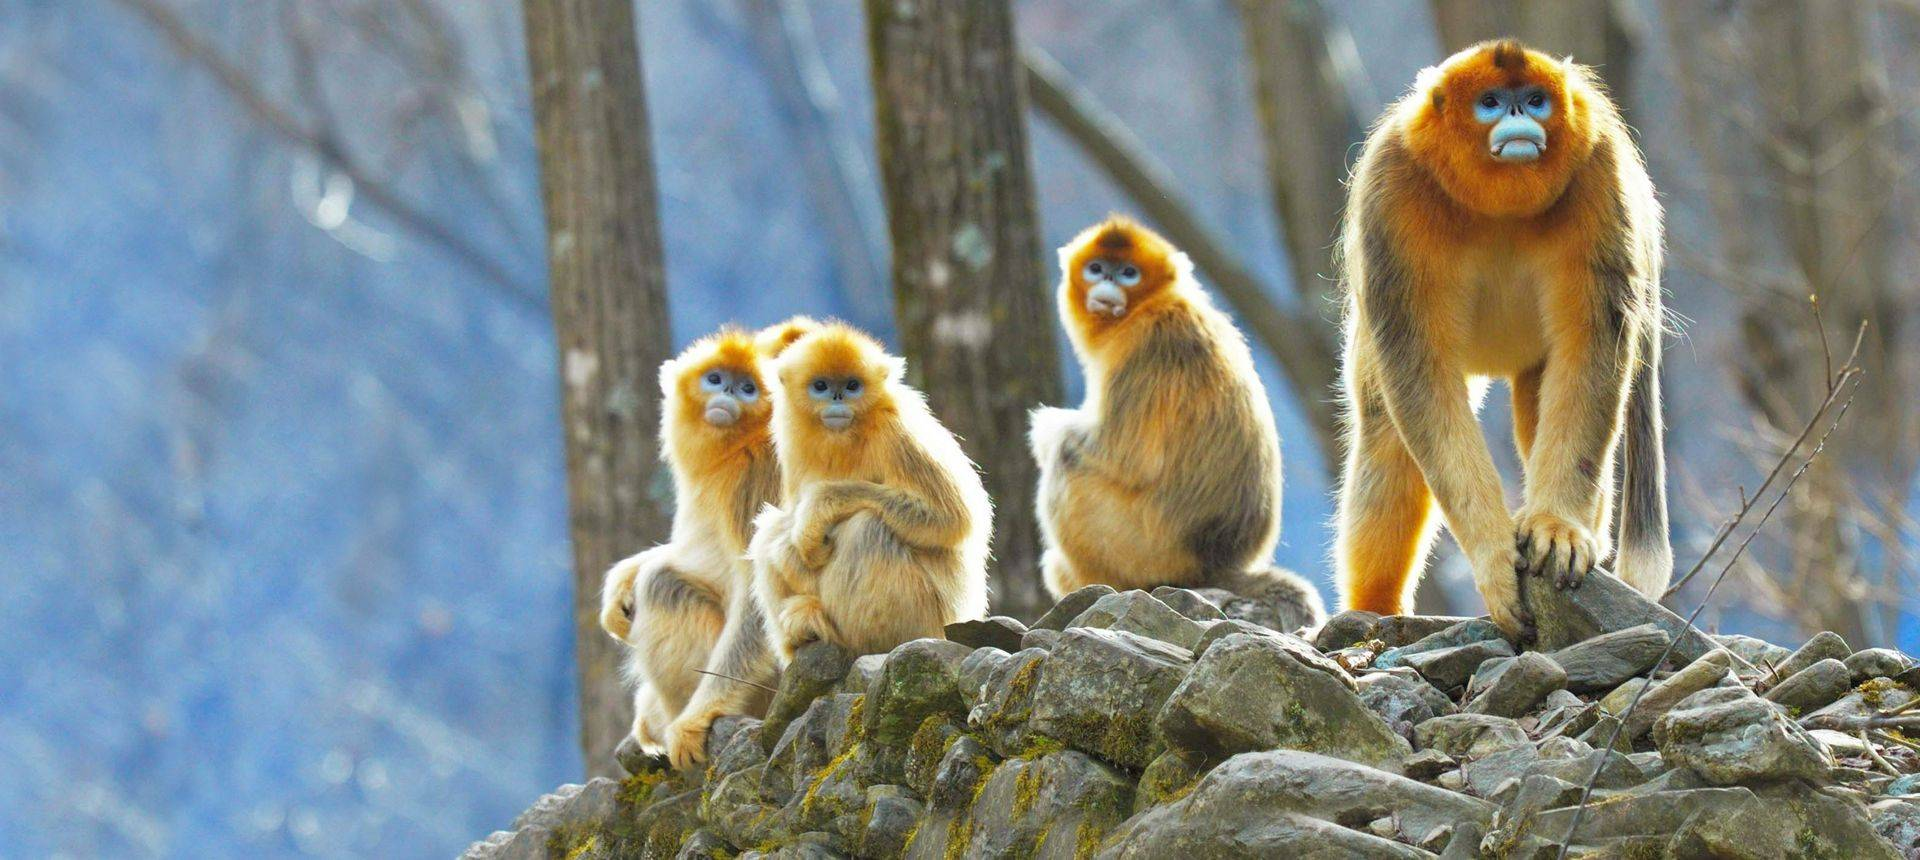 Golden Snub Nosed Monkeys Shutterstock 607543739 (1)